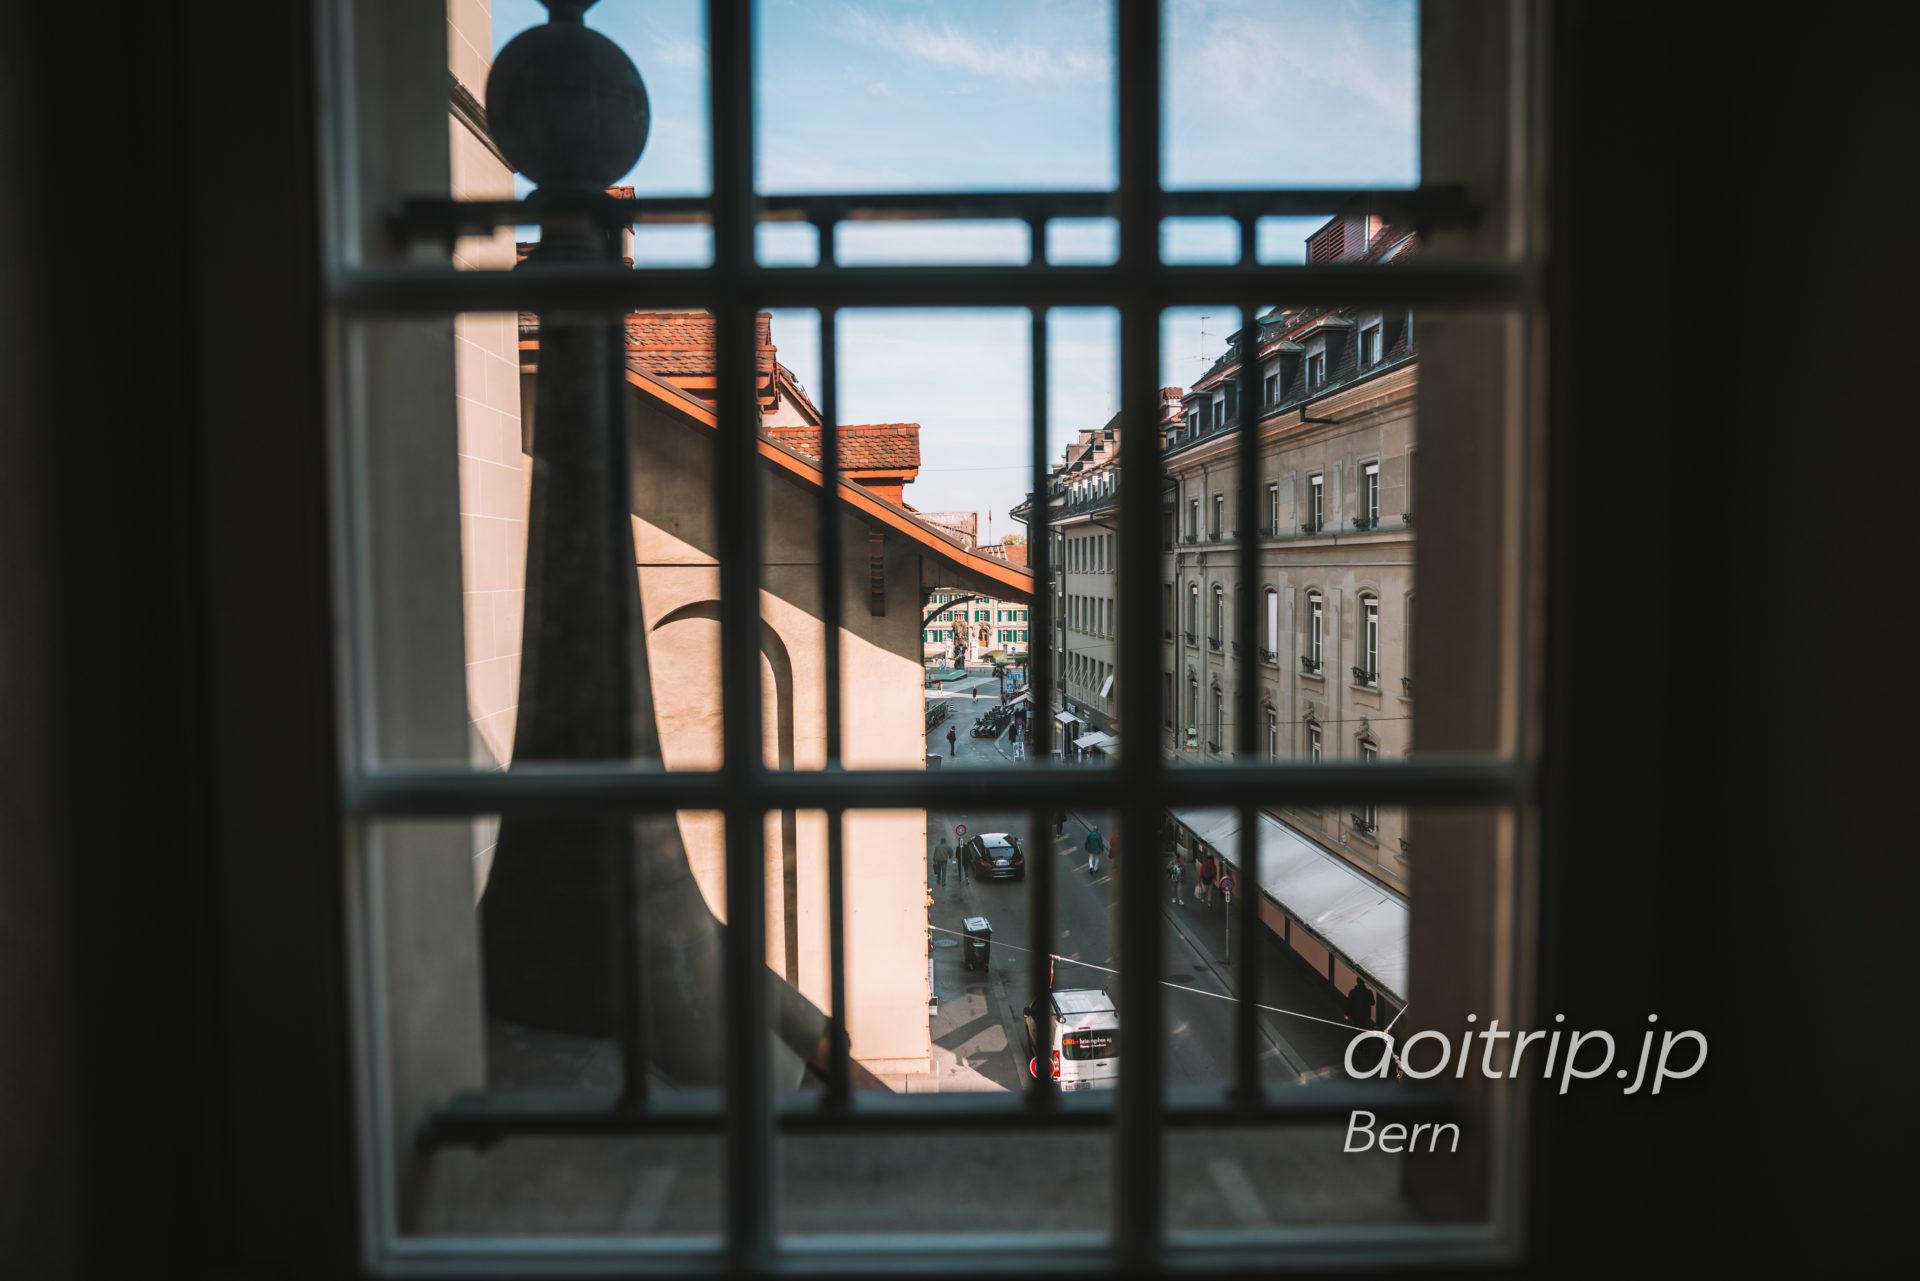 スイス ベルンの牢獄塔(Käfigturm)内部からベルンの町を望む